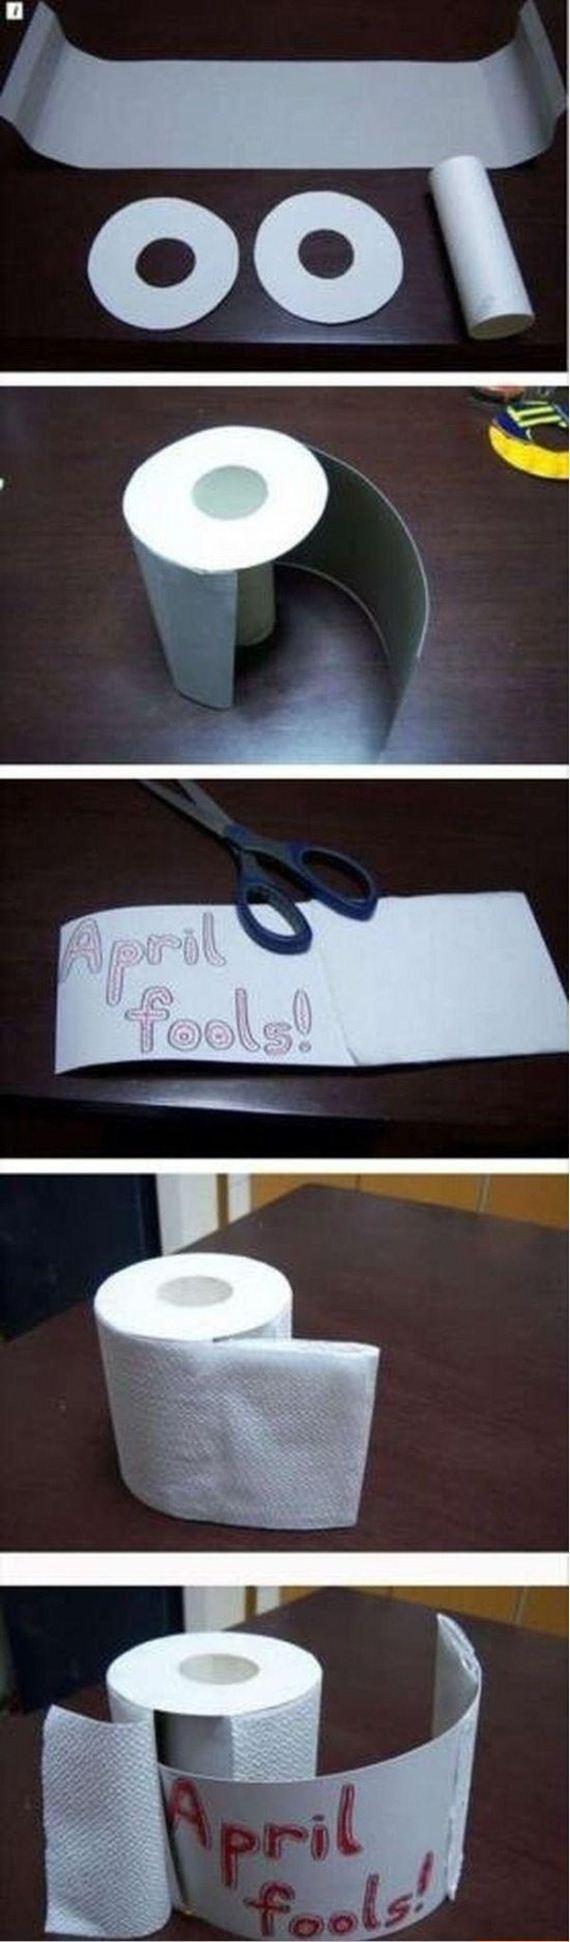 funny_pranks